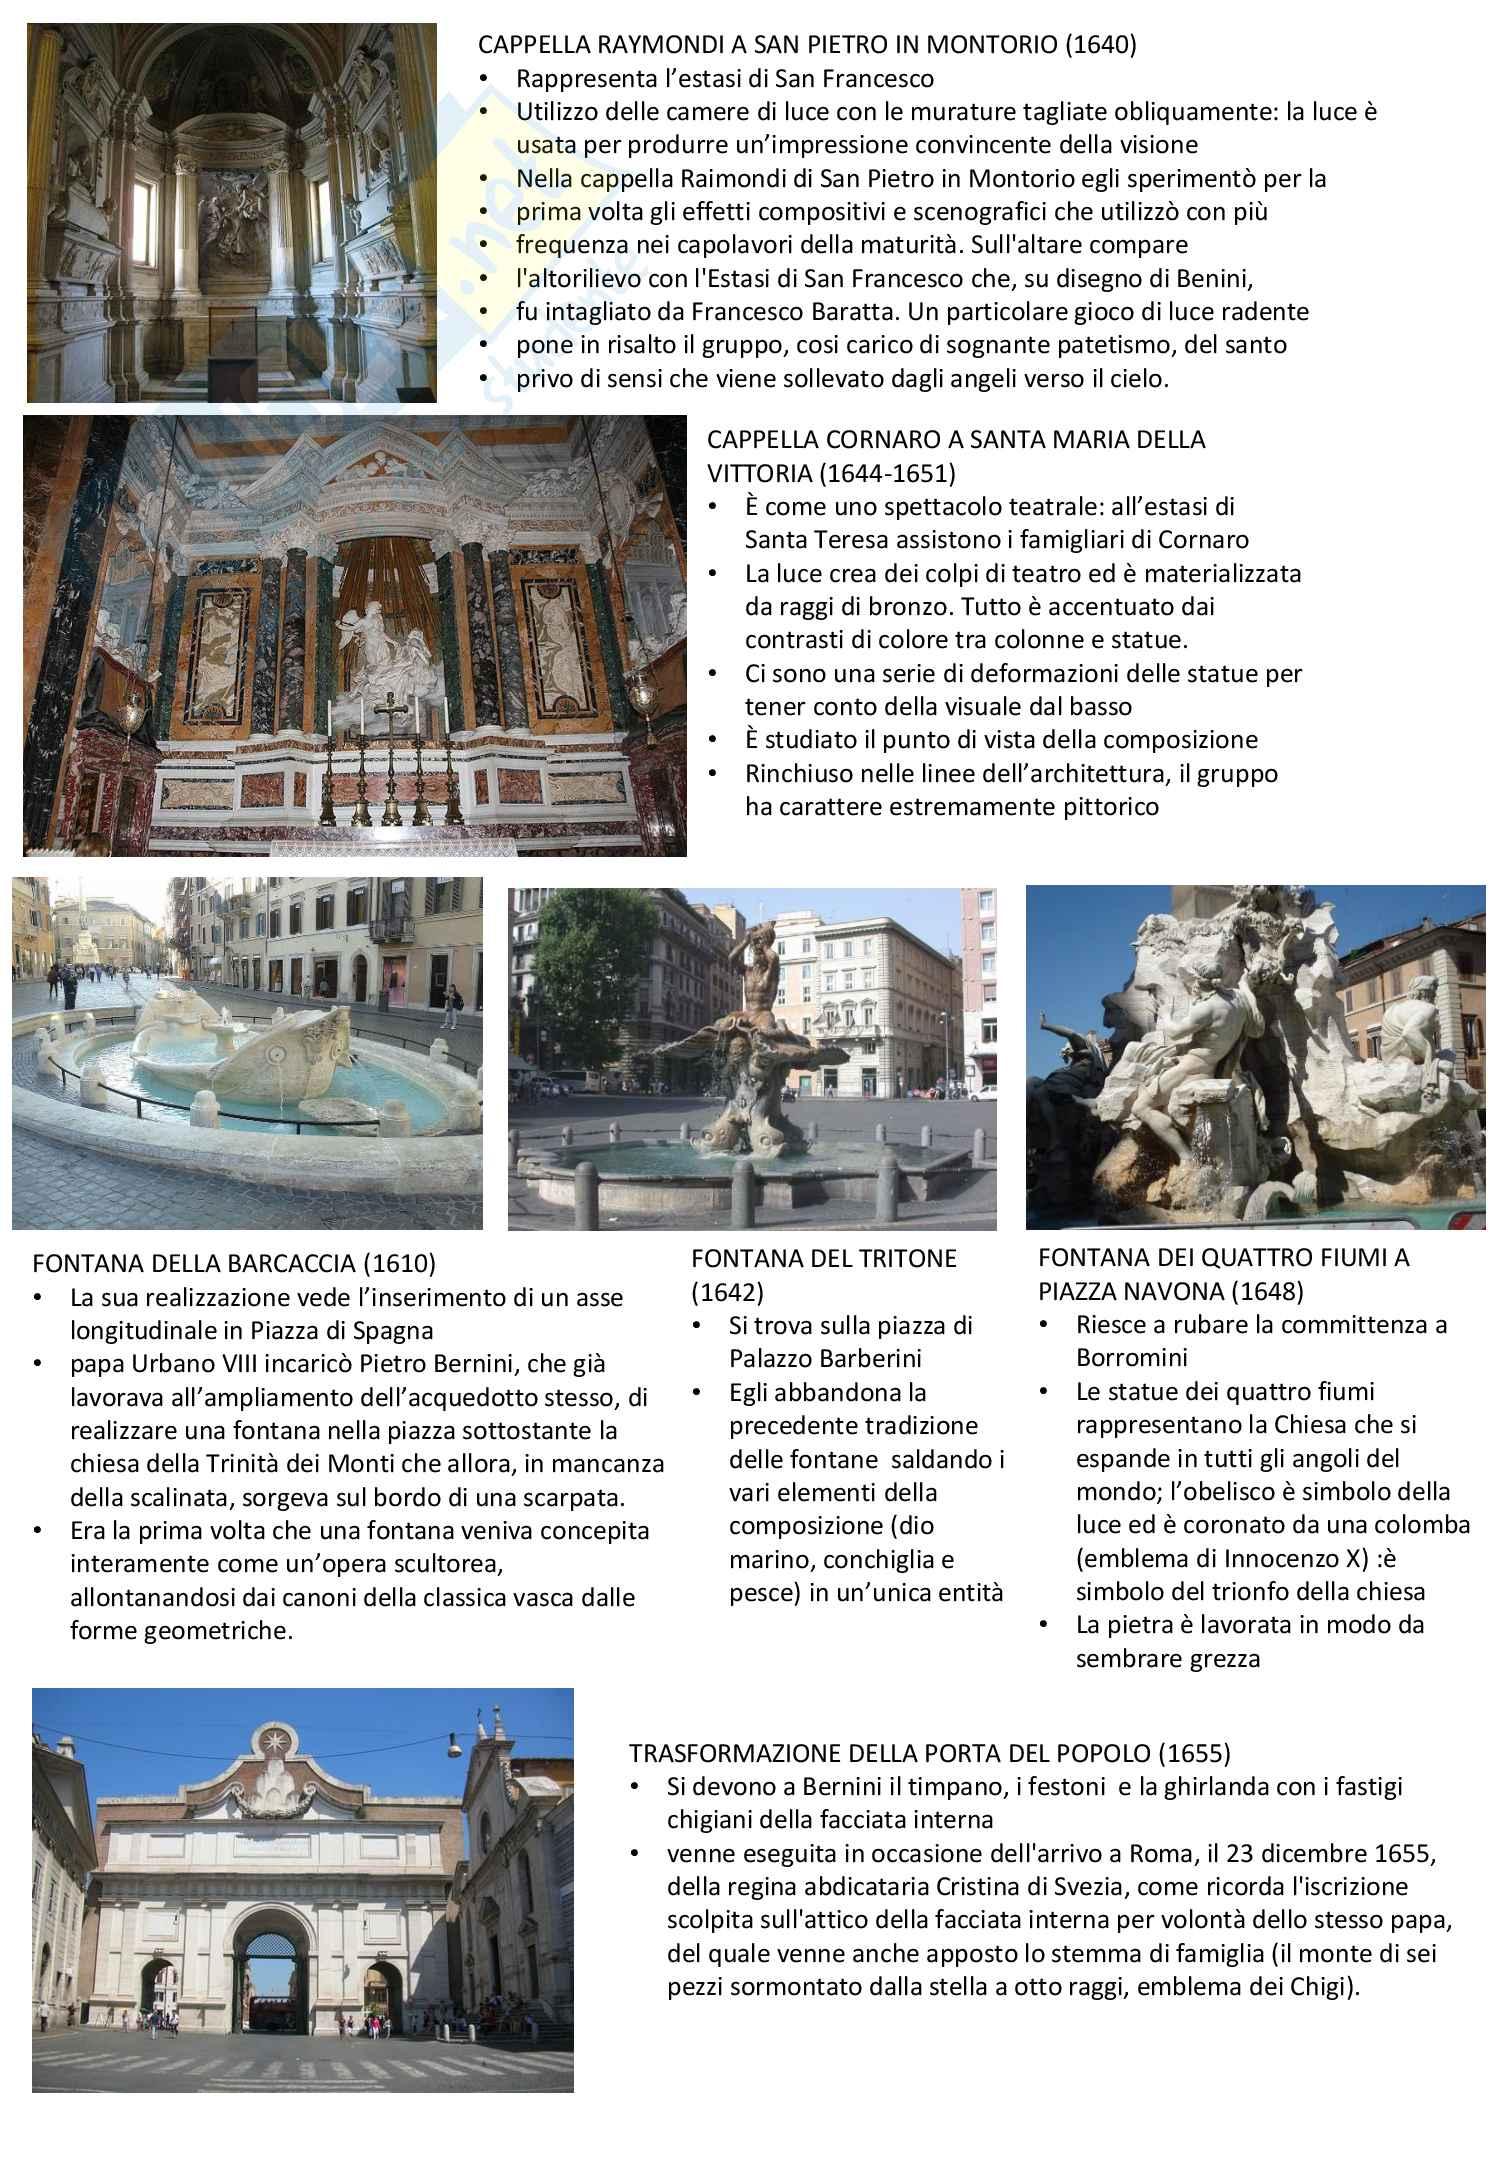 Storia dell'Architettura dal 1400 al 1600 Pag. 111